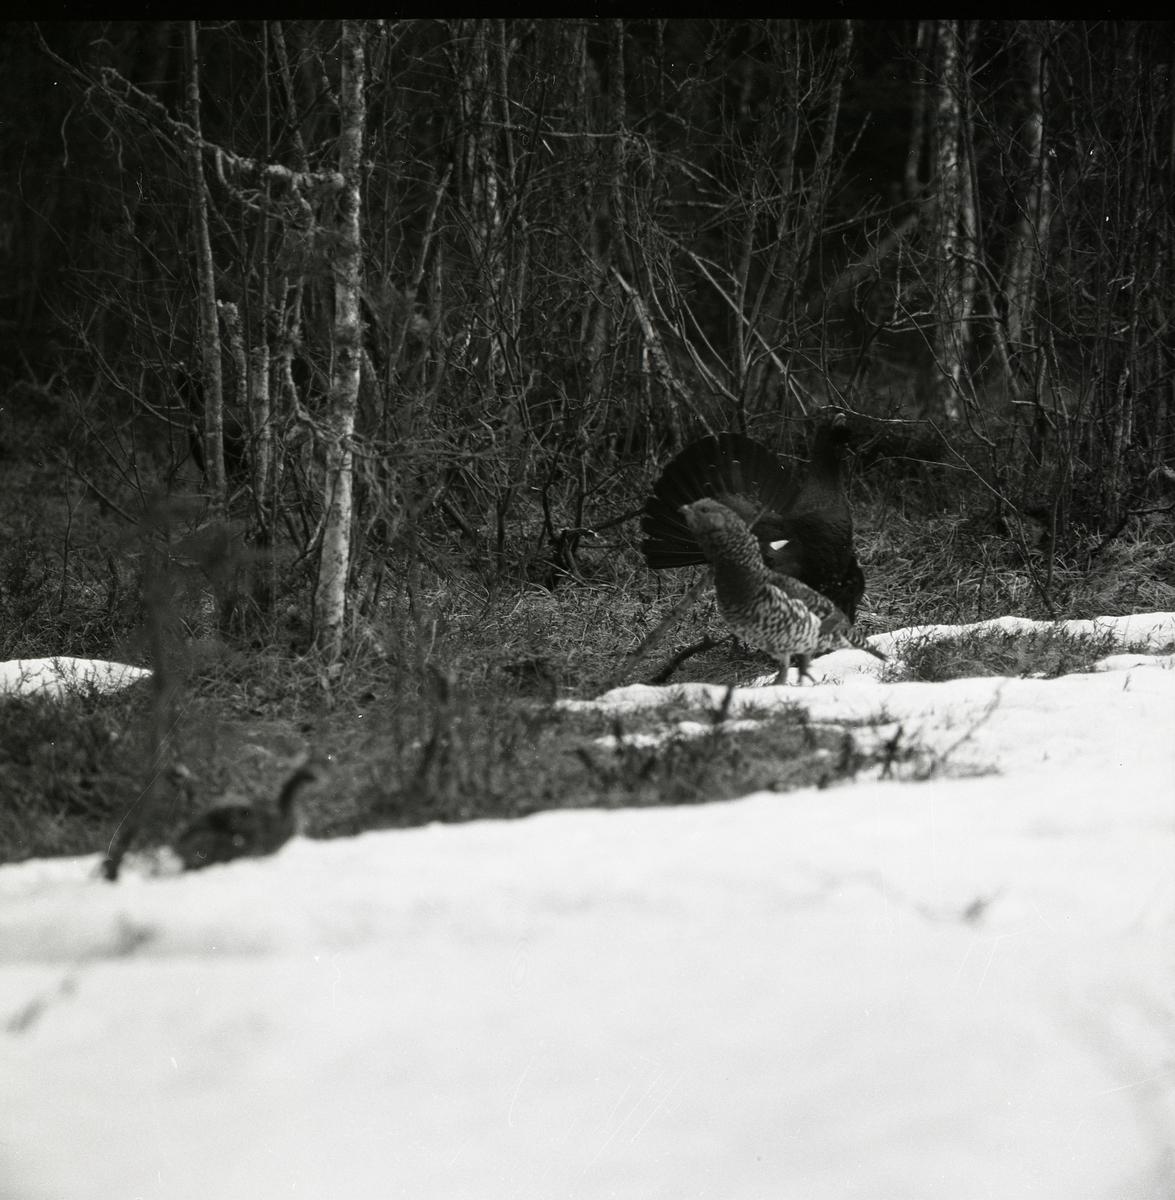 Vid det snöiga skogsbrynet samlas tjädrarna, både de spelande tupparna och hönorna, vid Häggtjärn i april 1976.